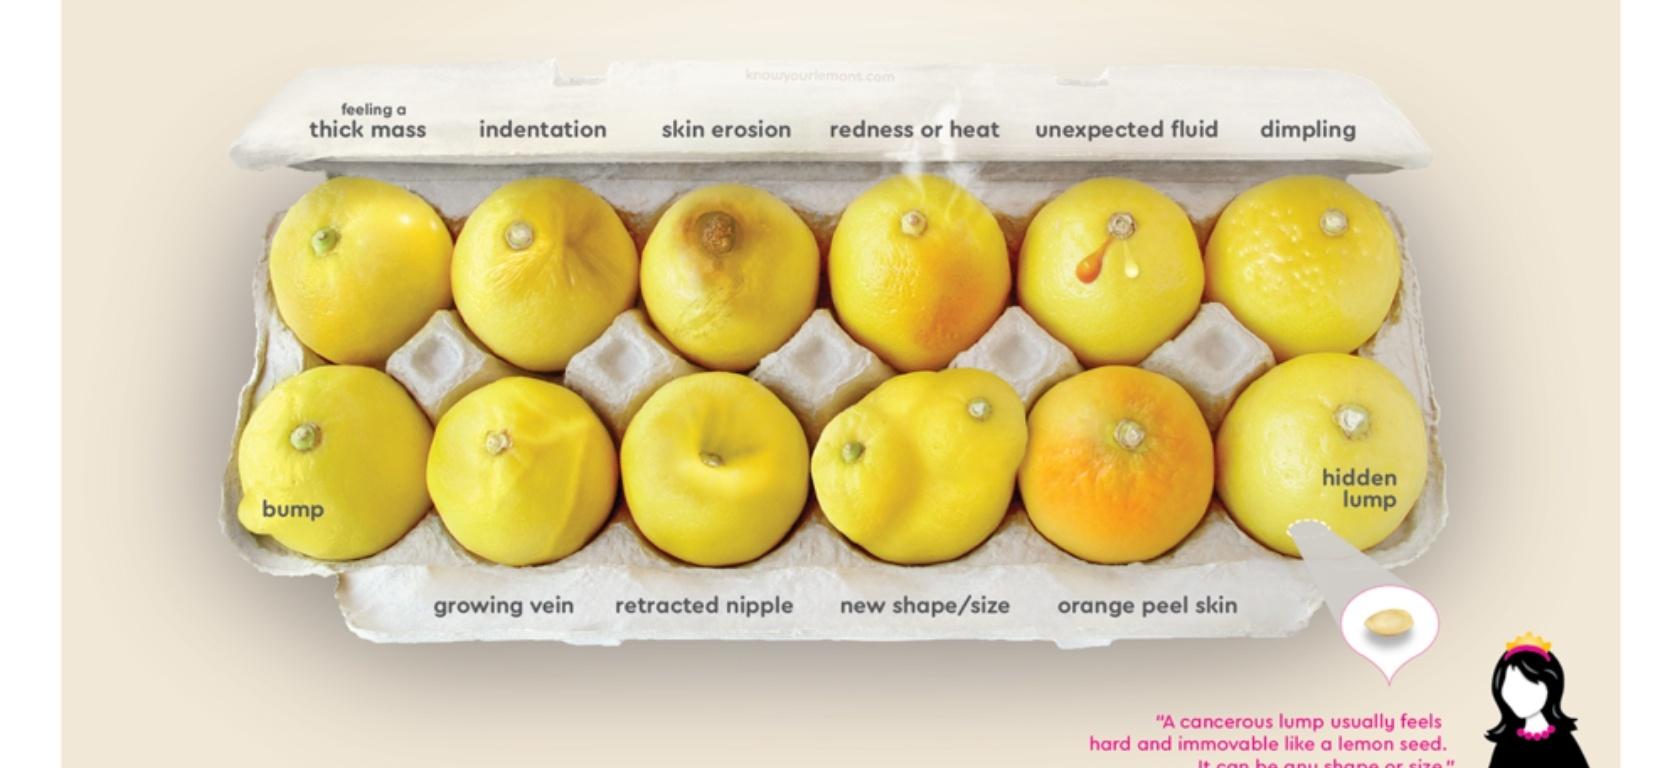 καρκίνος μαστού, Ca μαστού, γυναίκα και καρκίνος, γυναίκα και μαστός,